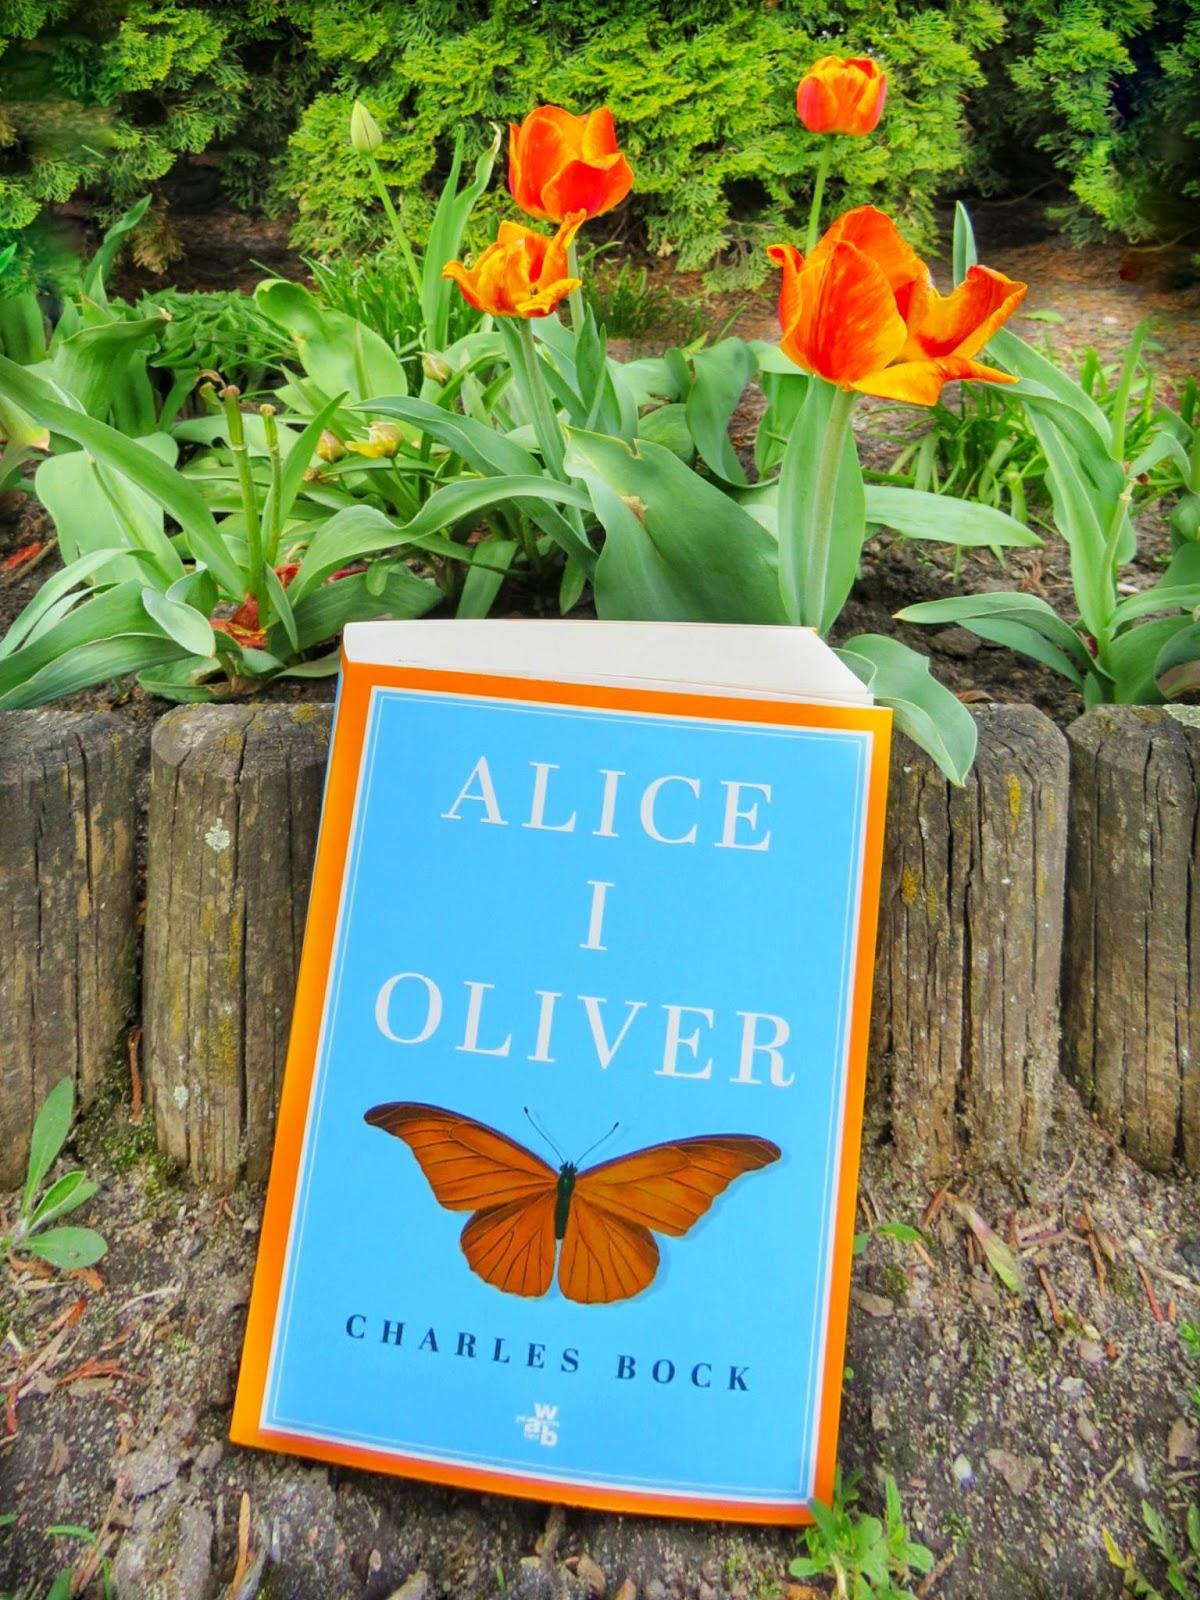 Alice i Oliver Charles Bock – recenzja